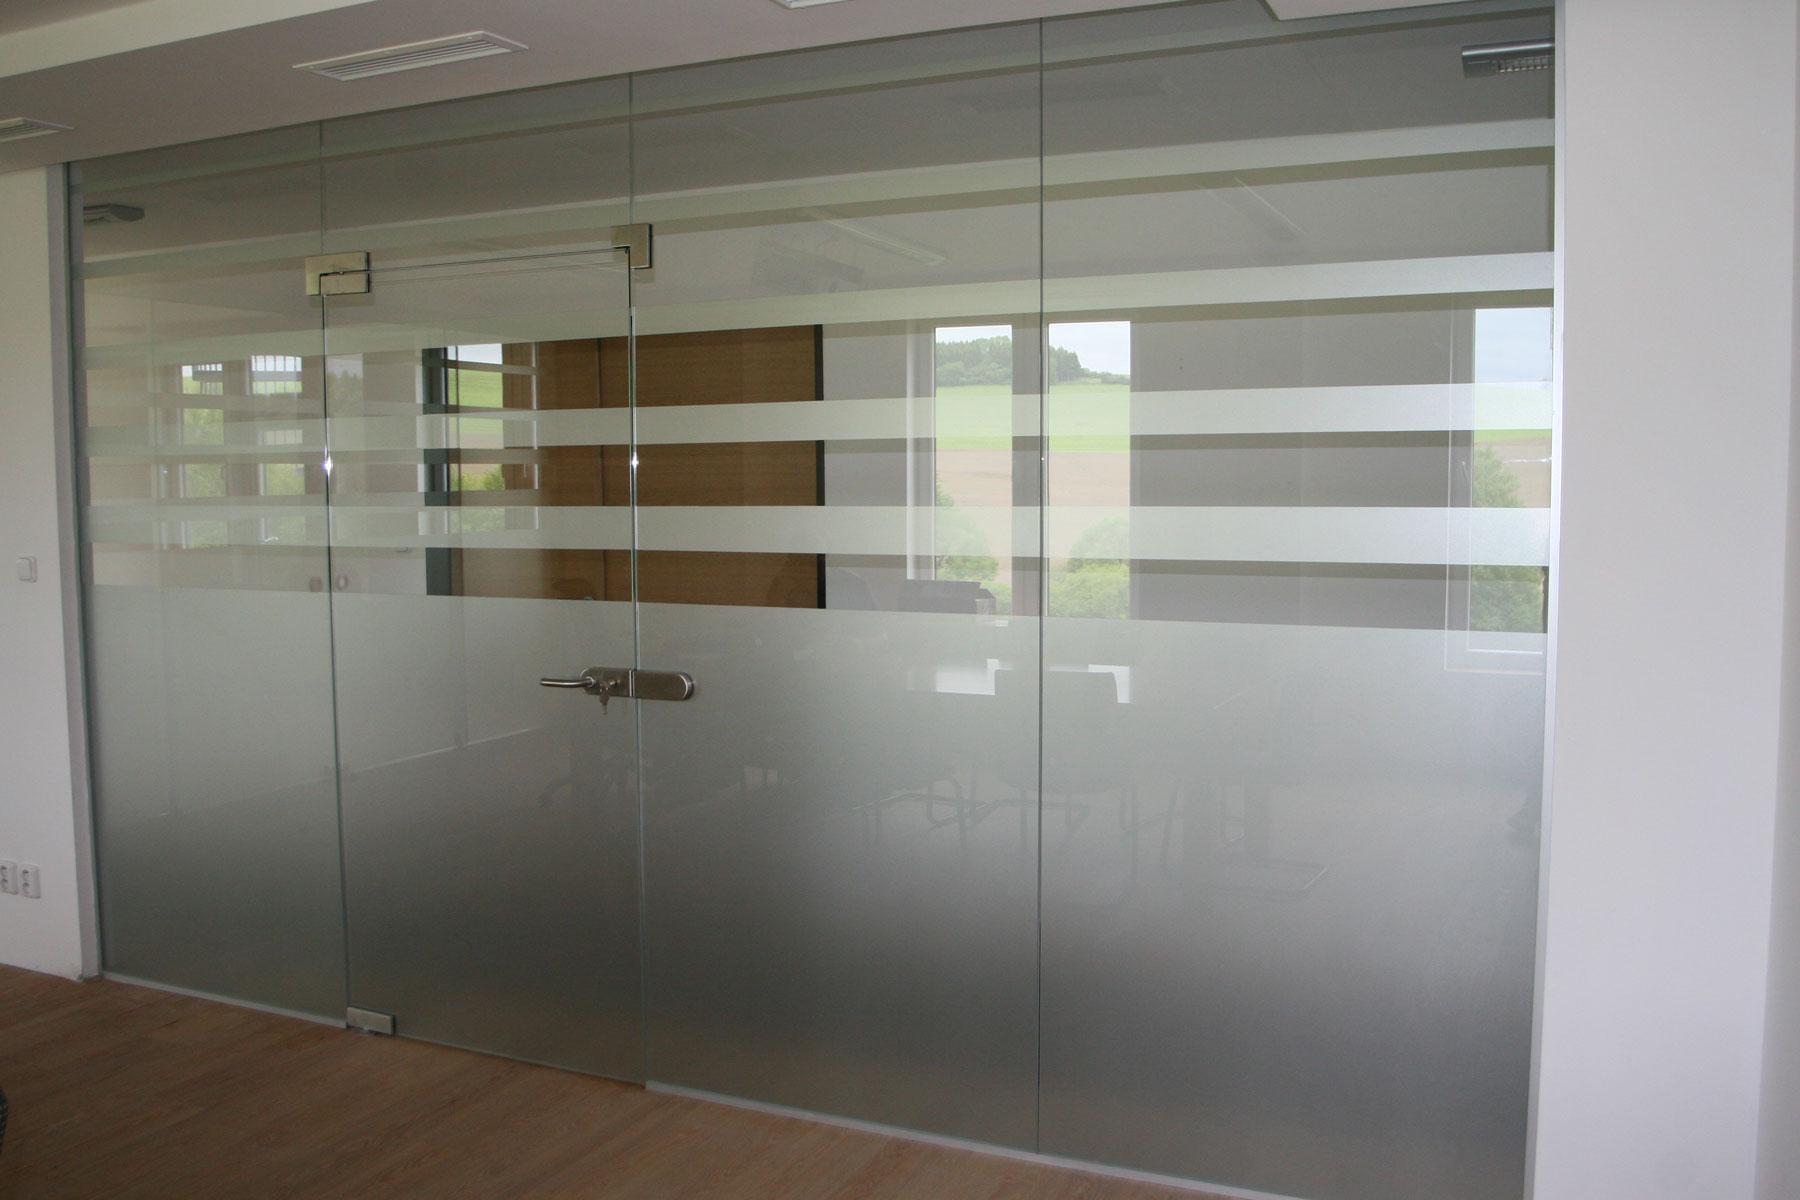 Sklenarstvi-Prerost-sklenene- steny-a-dvere (51)